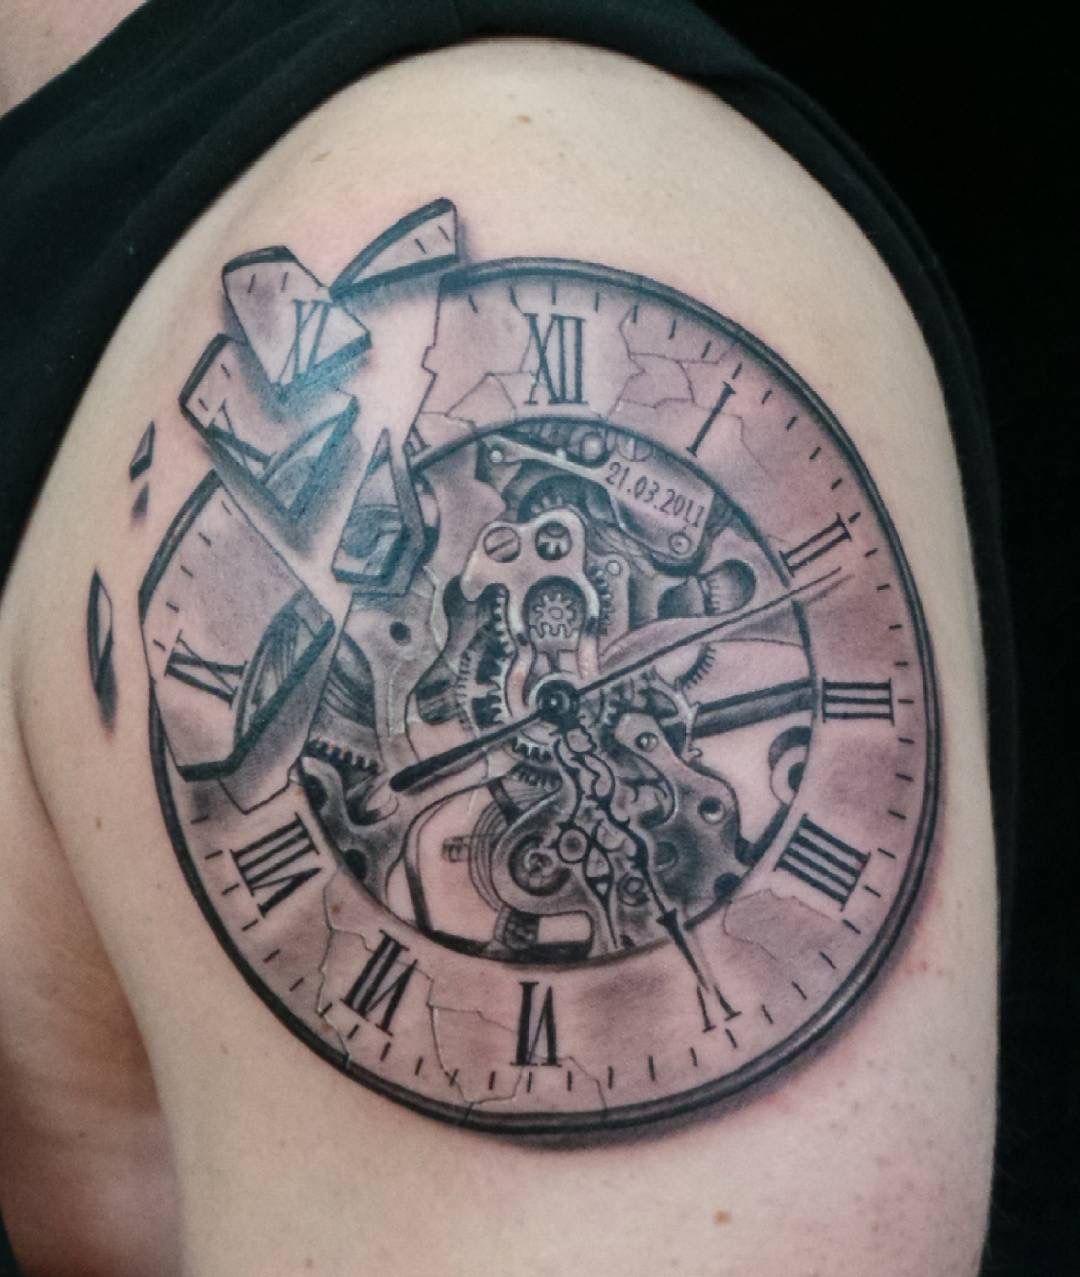 Www Ettore Bechis Com Clocktattoo Blackandgrey Tattoo Tattoos Blacktattoo Menwithtattoos Tattooed I Tattoo Shops In Miami Best Tattoo Shops Tattoo Shop